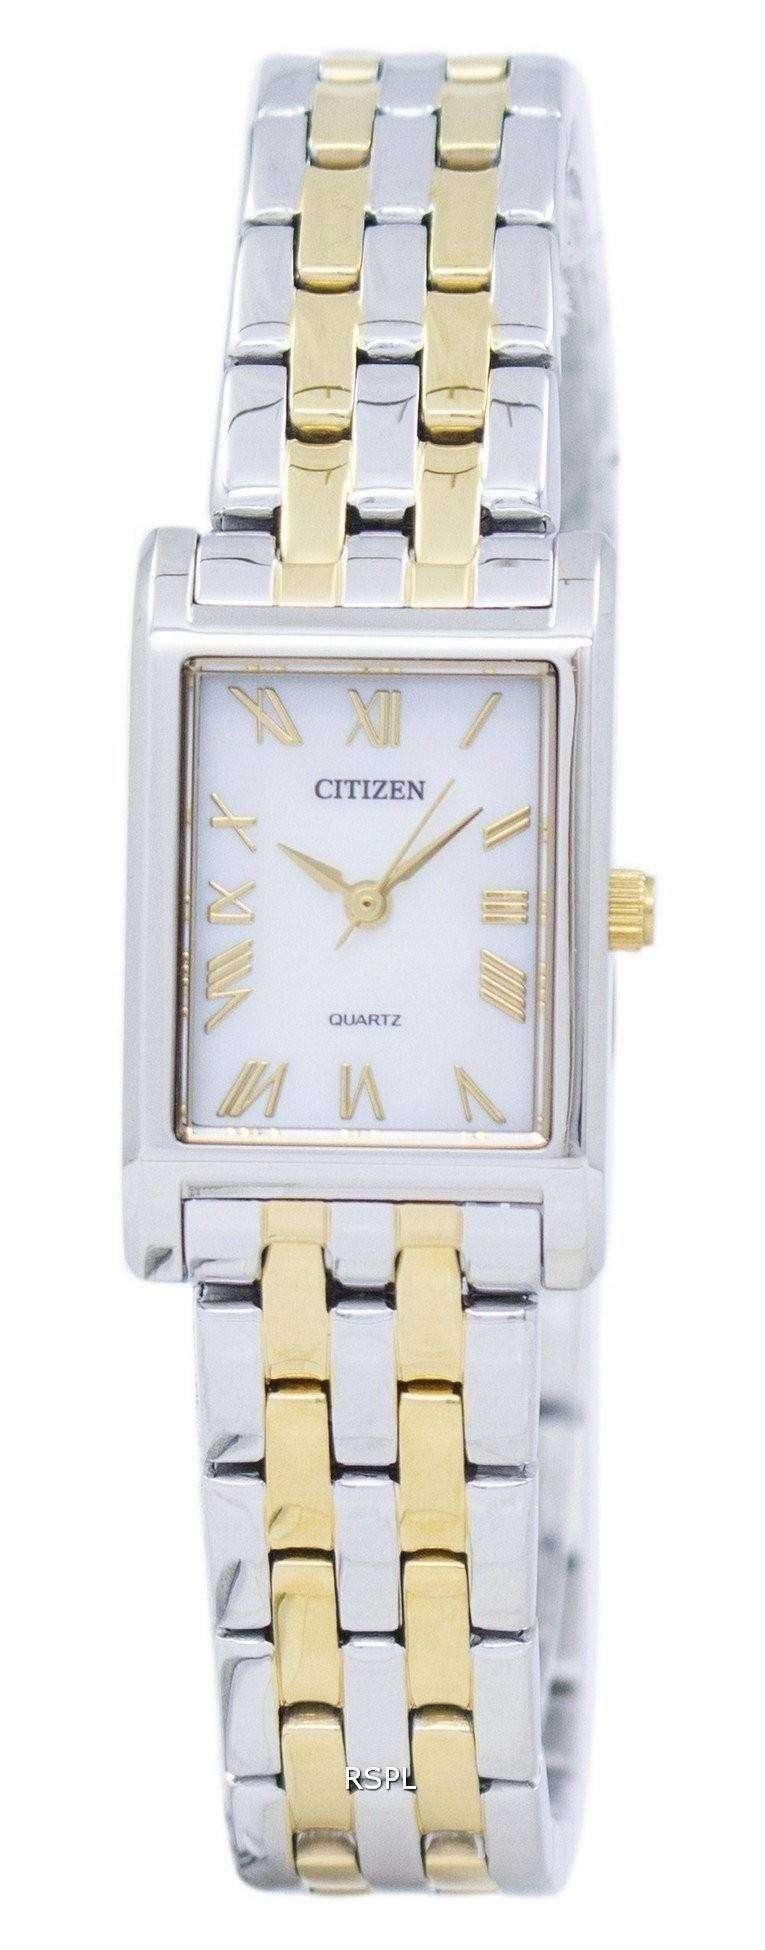 シチズンクォーツ アナログ EJ6124 53D レディース腕時計